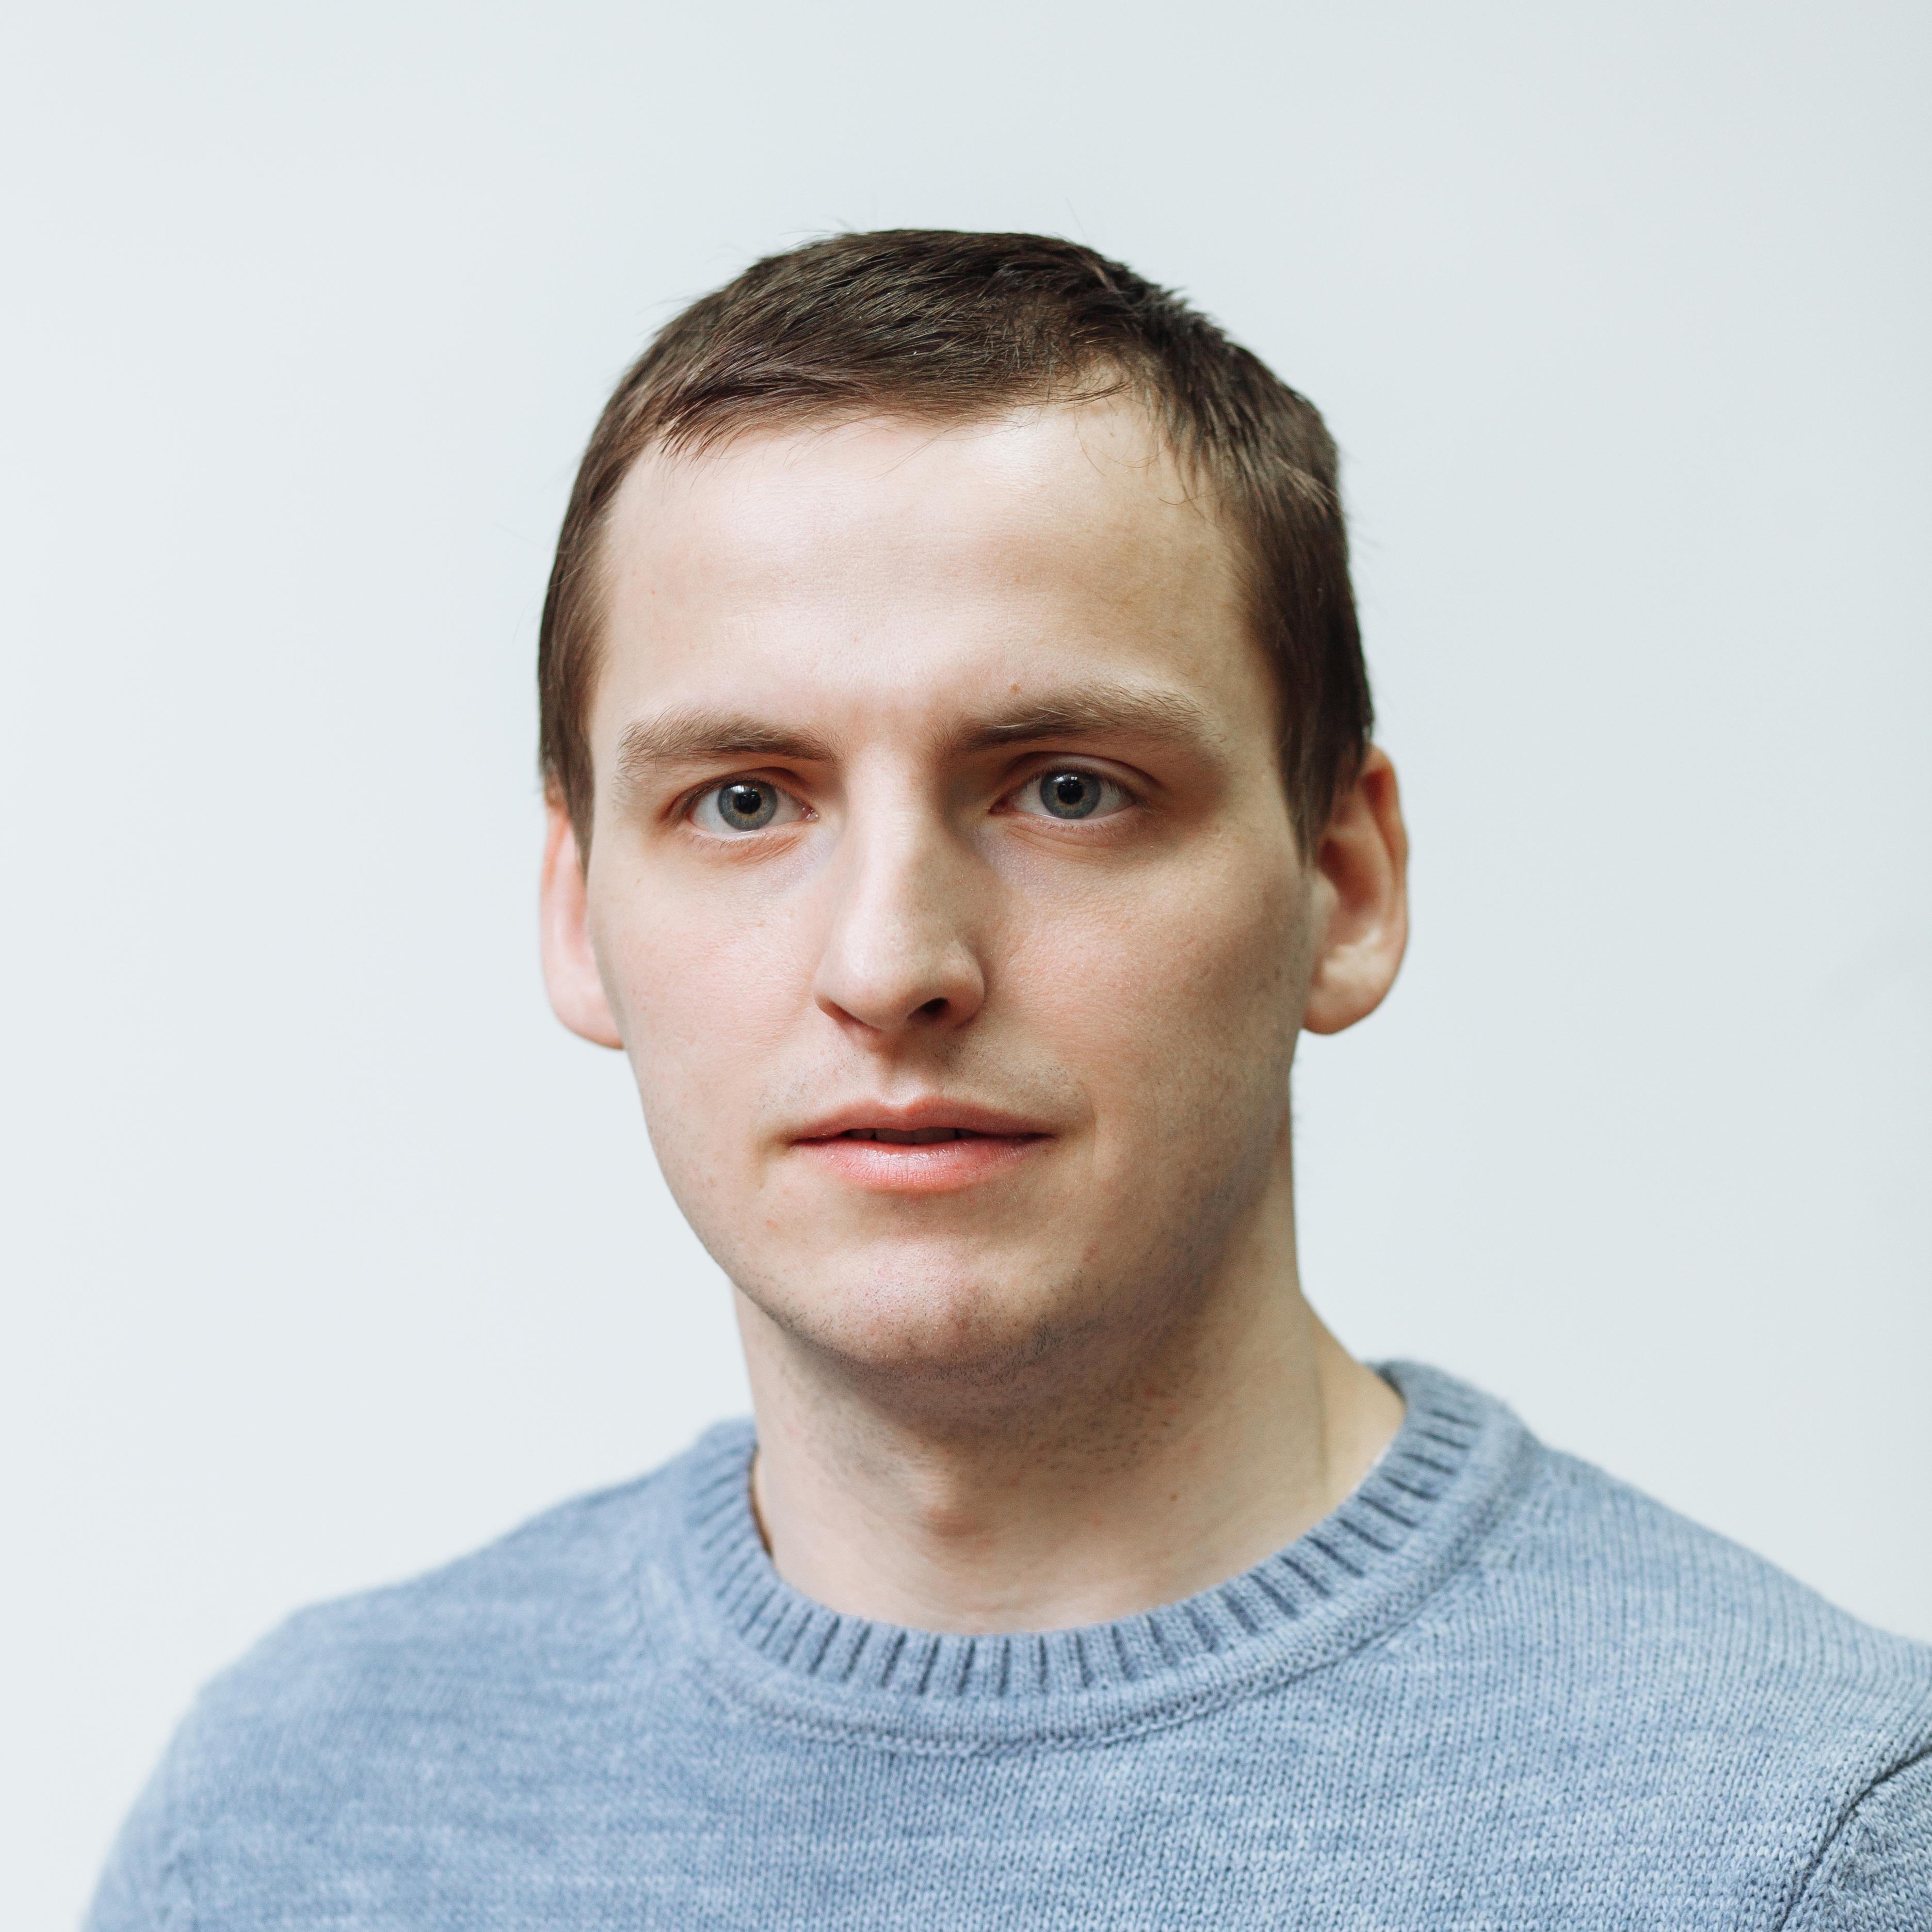 Черногоров Дмитрий Николаевич